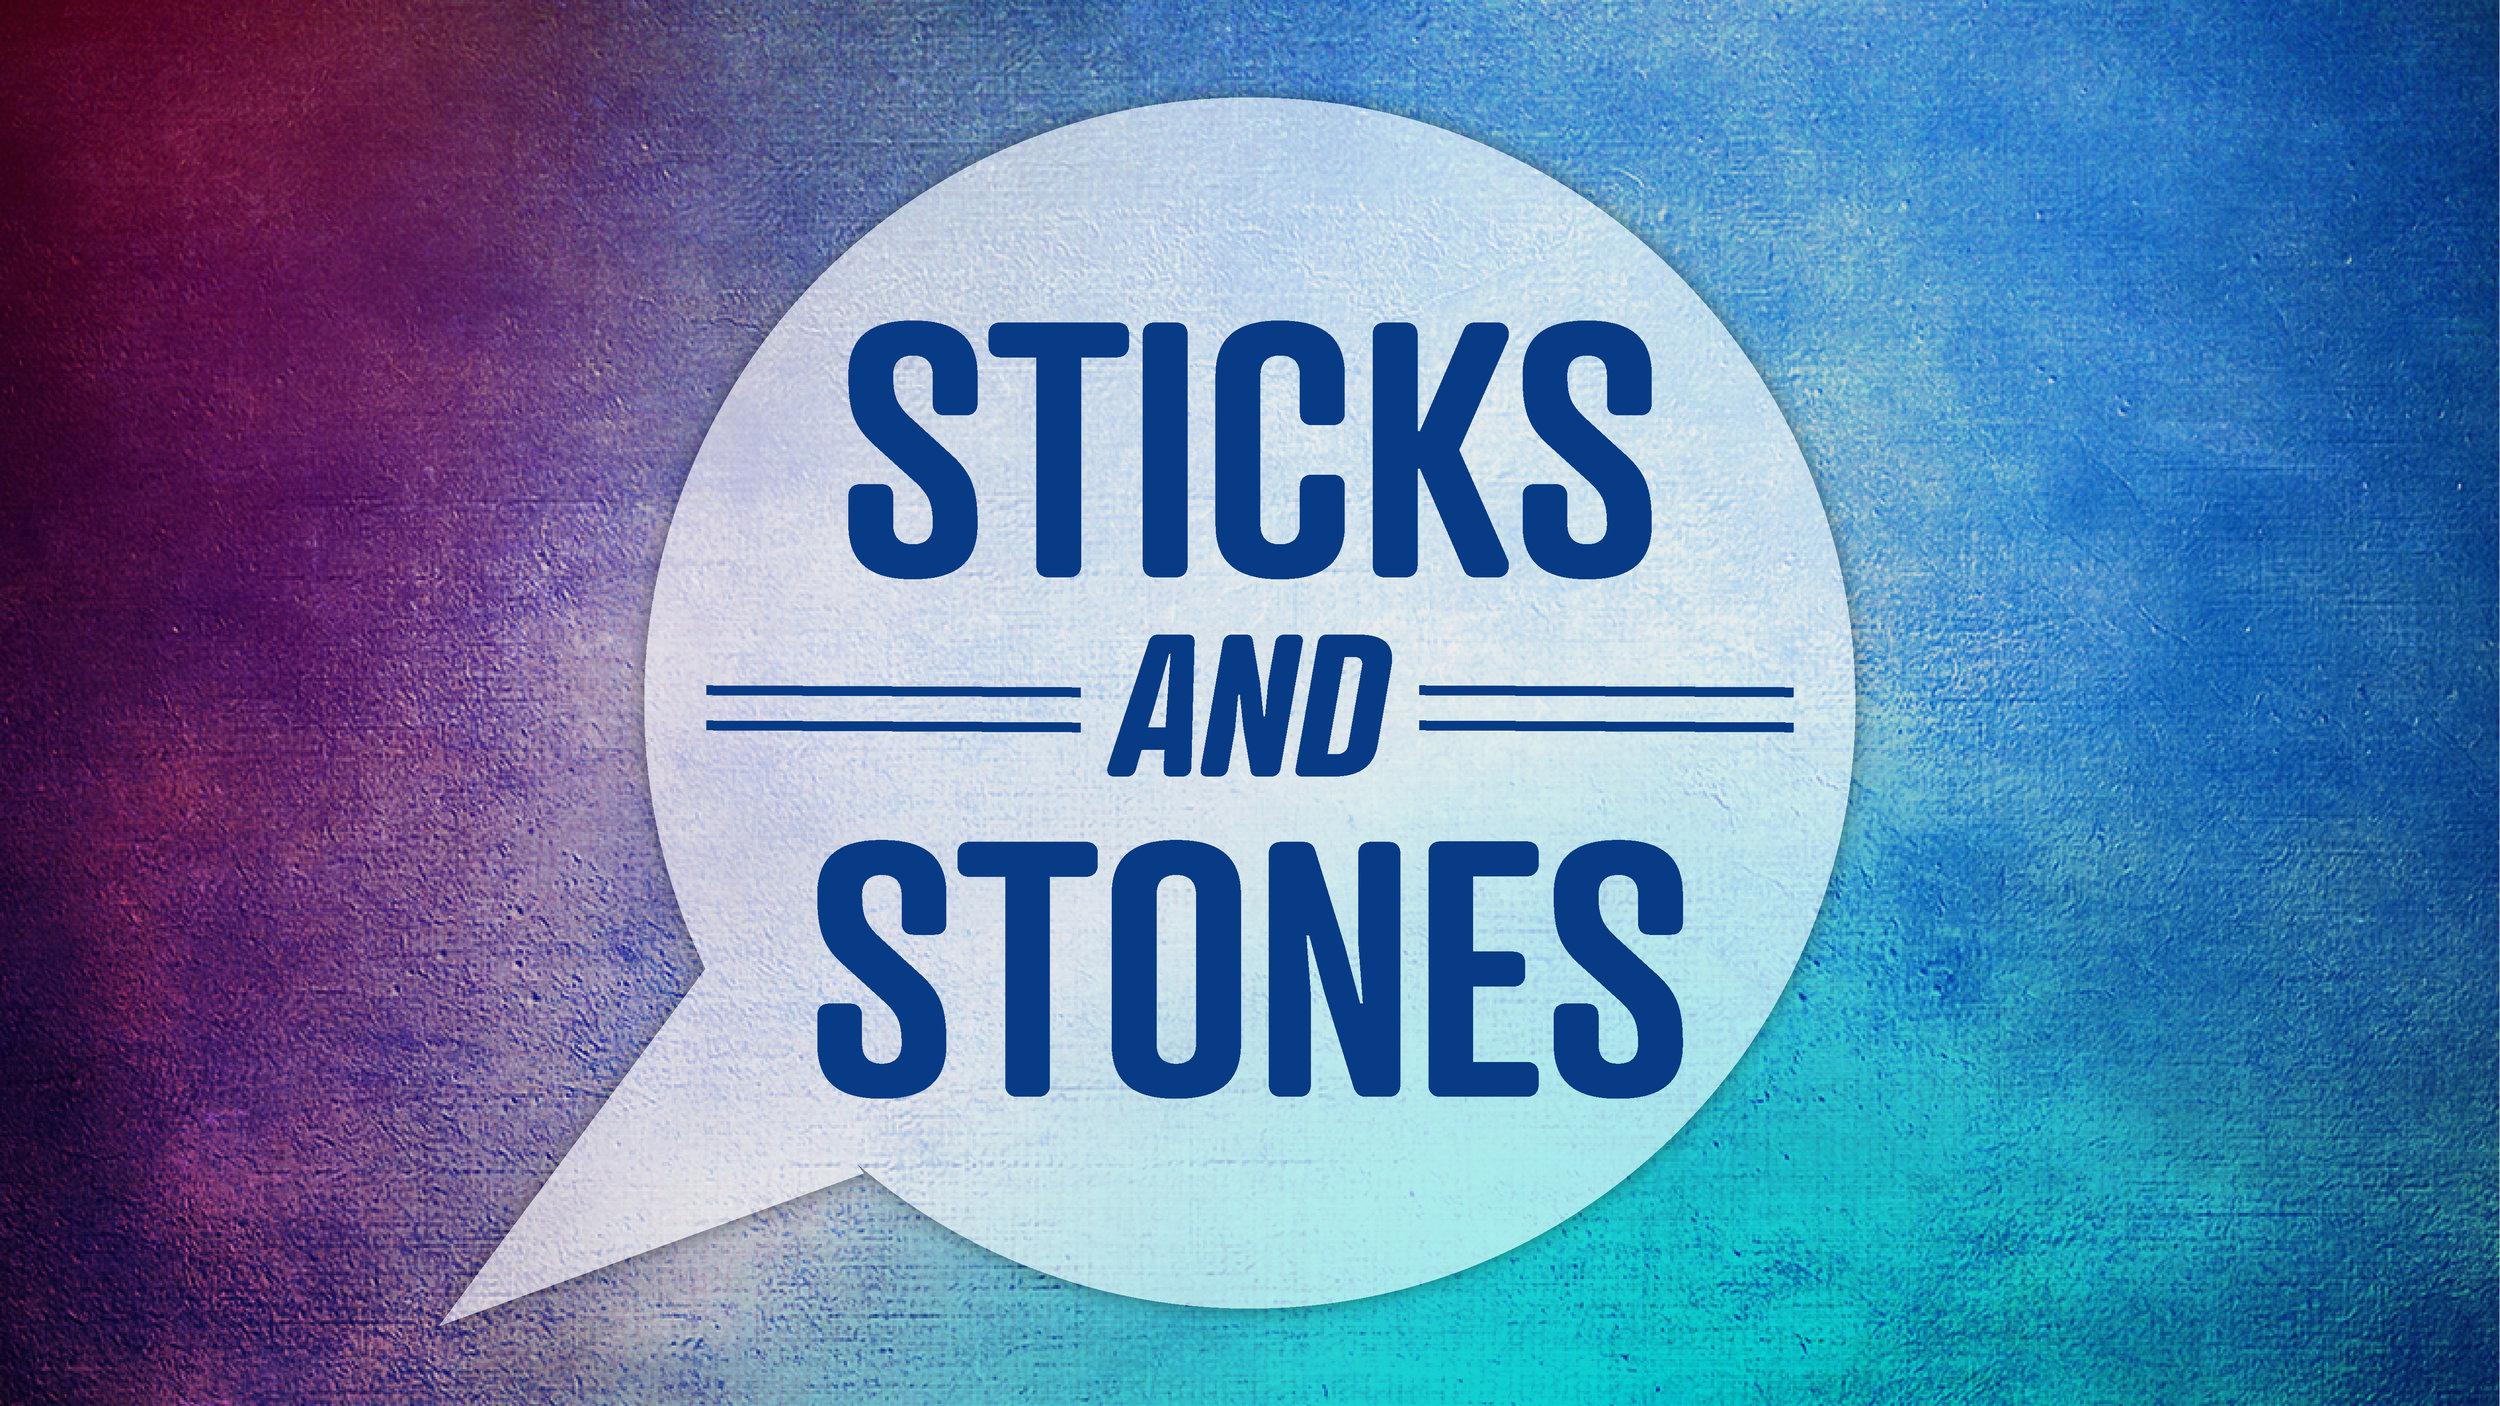 Sticks & Stones Slide-01.jpg